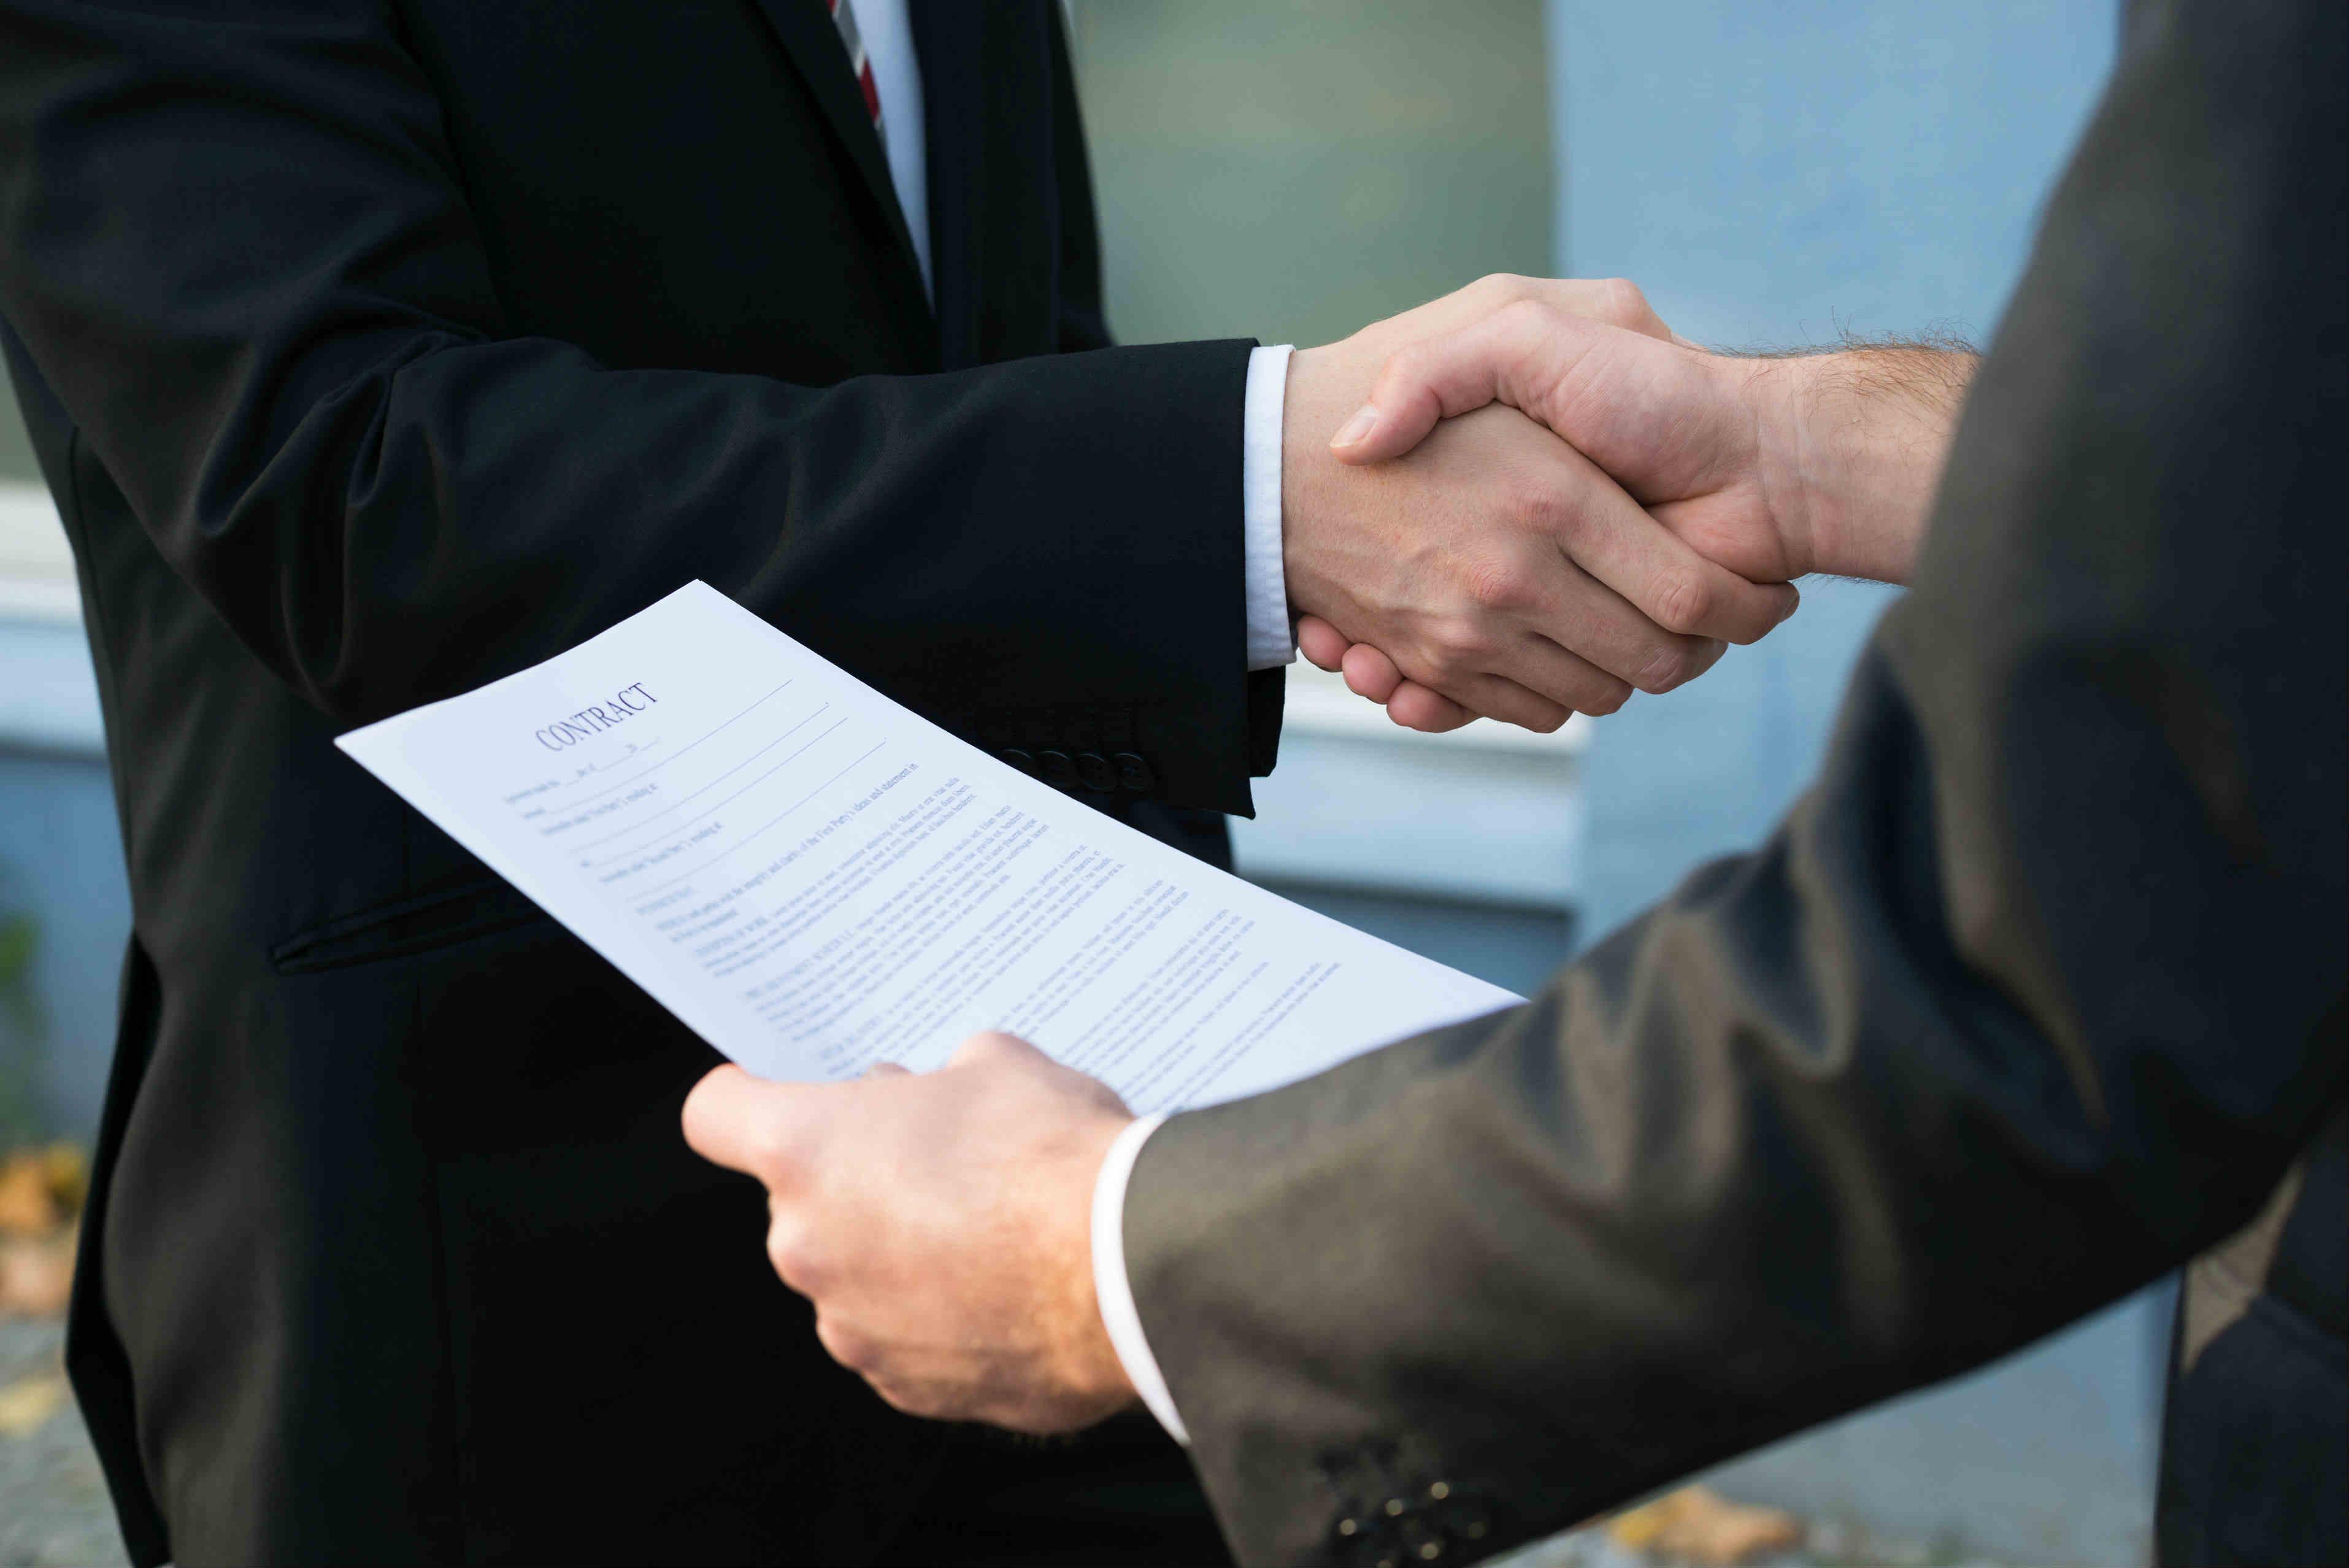 Услуги, предоставляемые юристами в отношении договоров поставки - Фото статьи